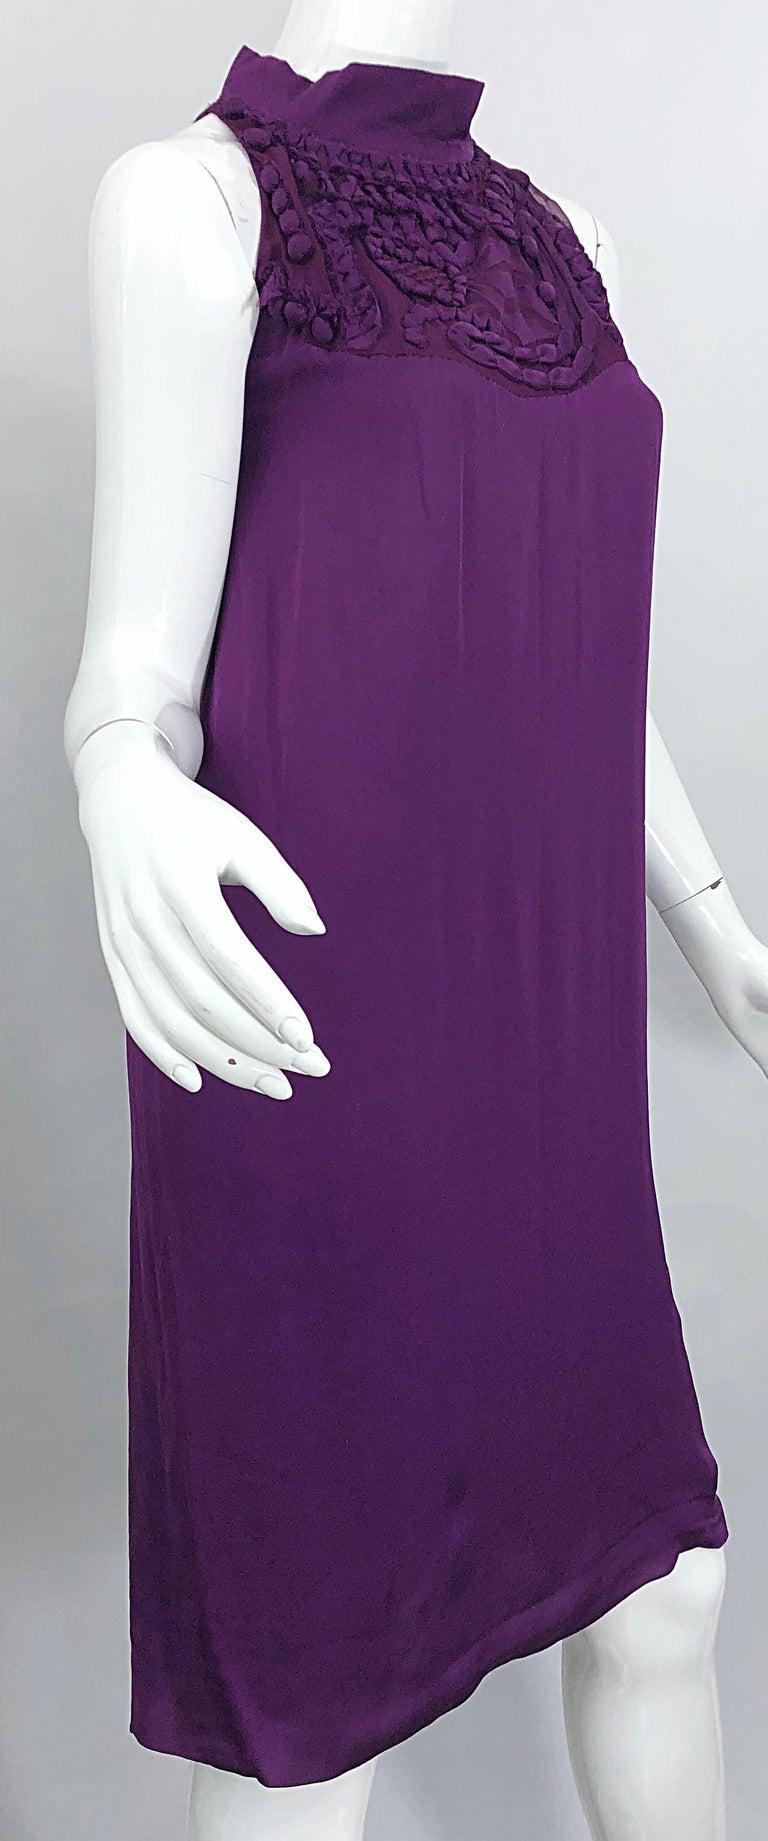 Yves Saint Laurent A / W 2007 Purple Silk Size 40 / US 8 YSL Rive Gauche Dress For Sale 2